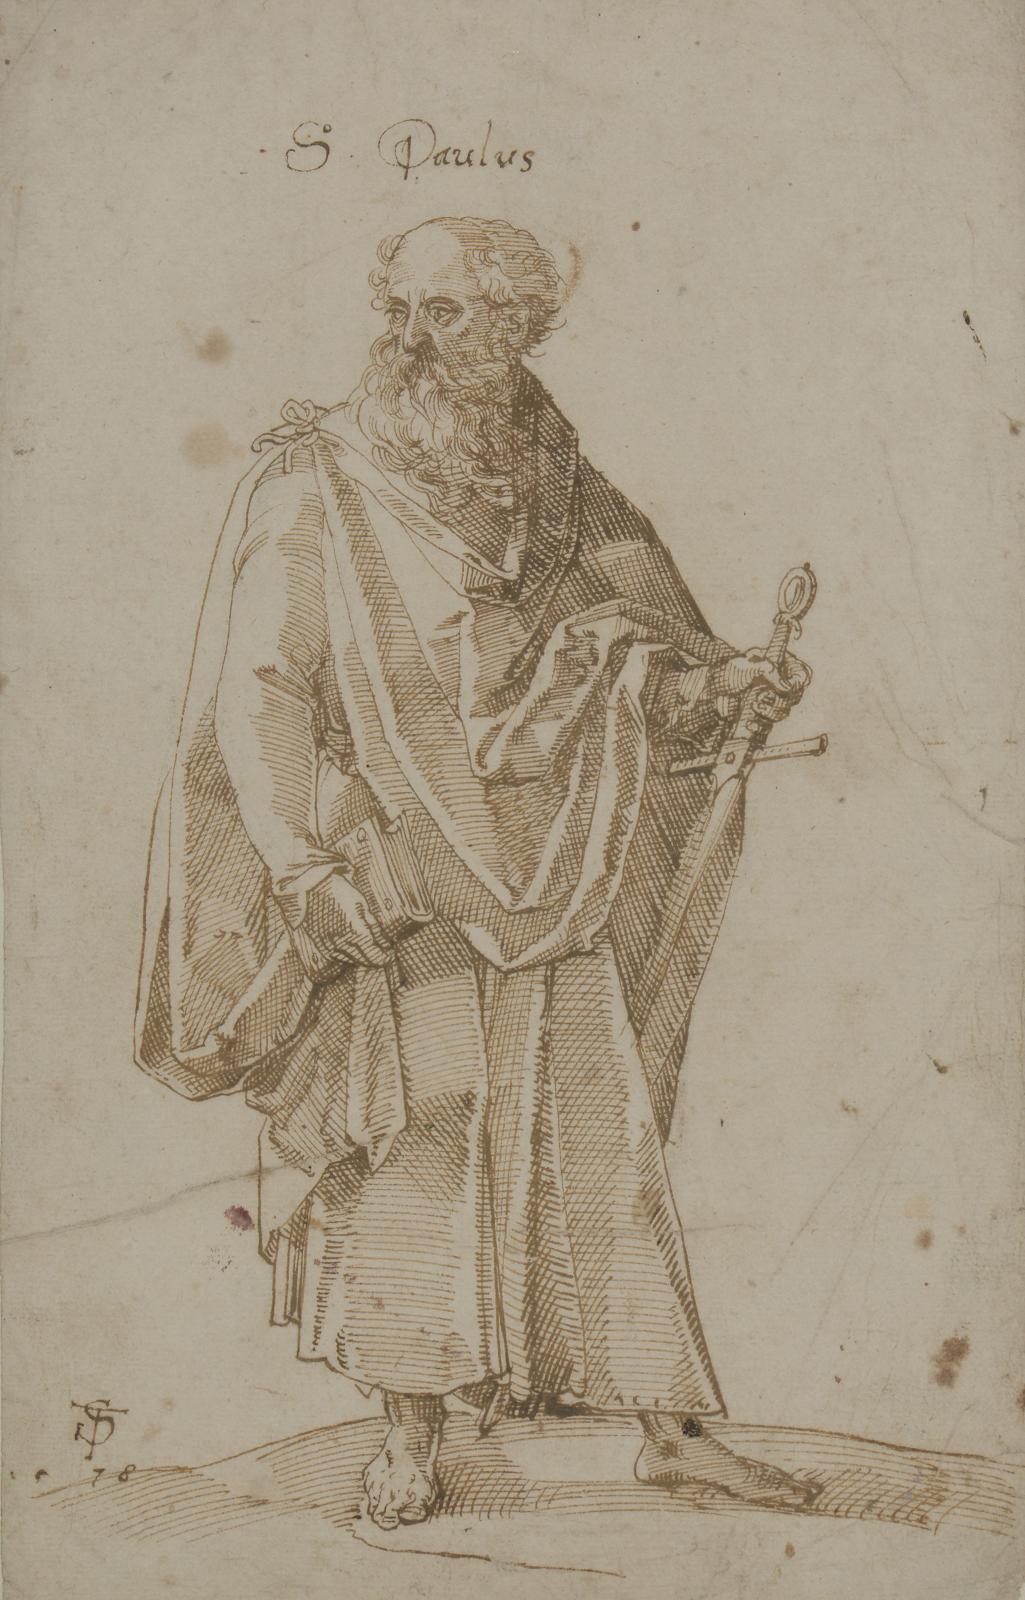 Tobias Stimmer (1539-1584), Saint Paul, plume et encre brune, signé avec monogramme et daté «TS78» et inscrit «SPaulus», 30,5x19cm. Estimation: